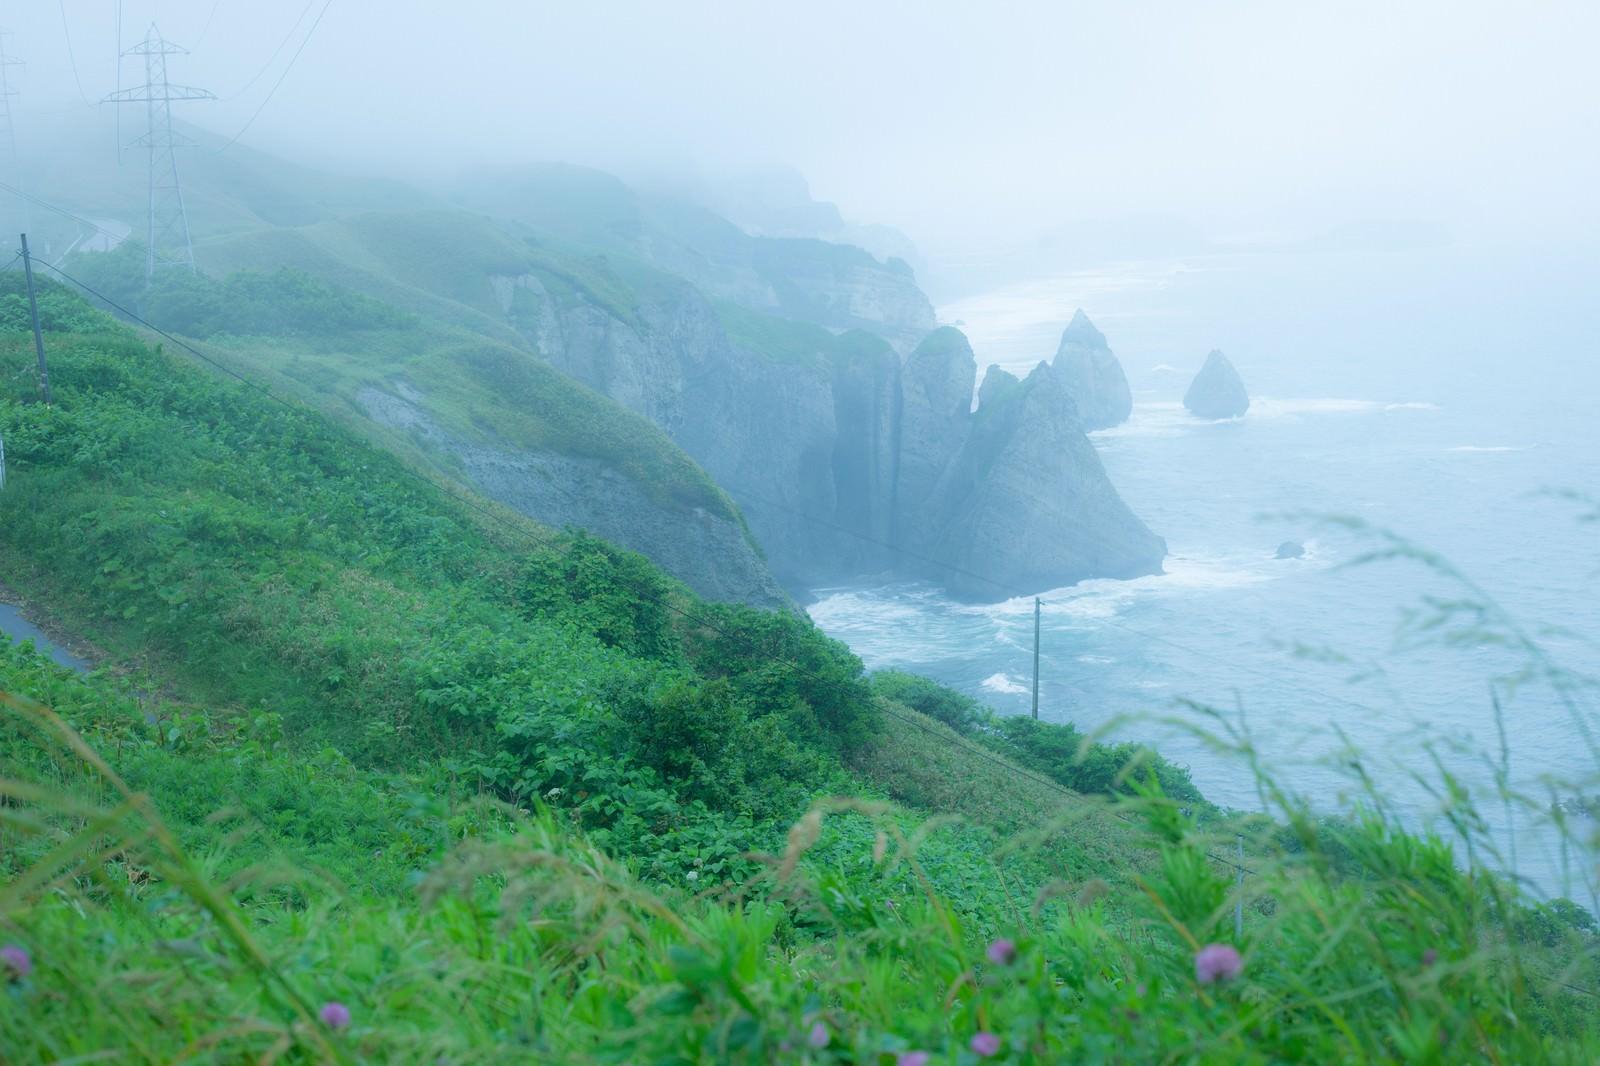 「崖のある海、大自然とぼく」の写真